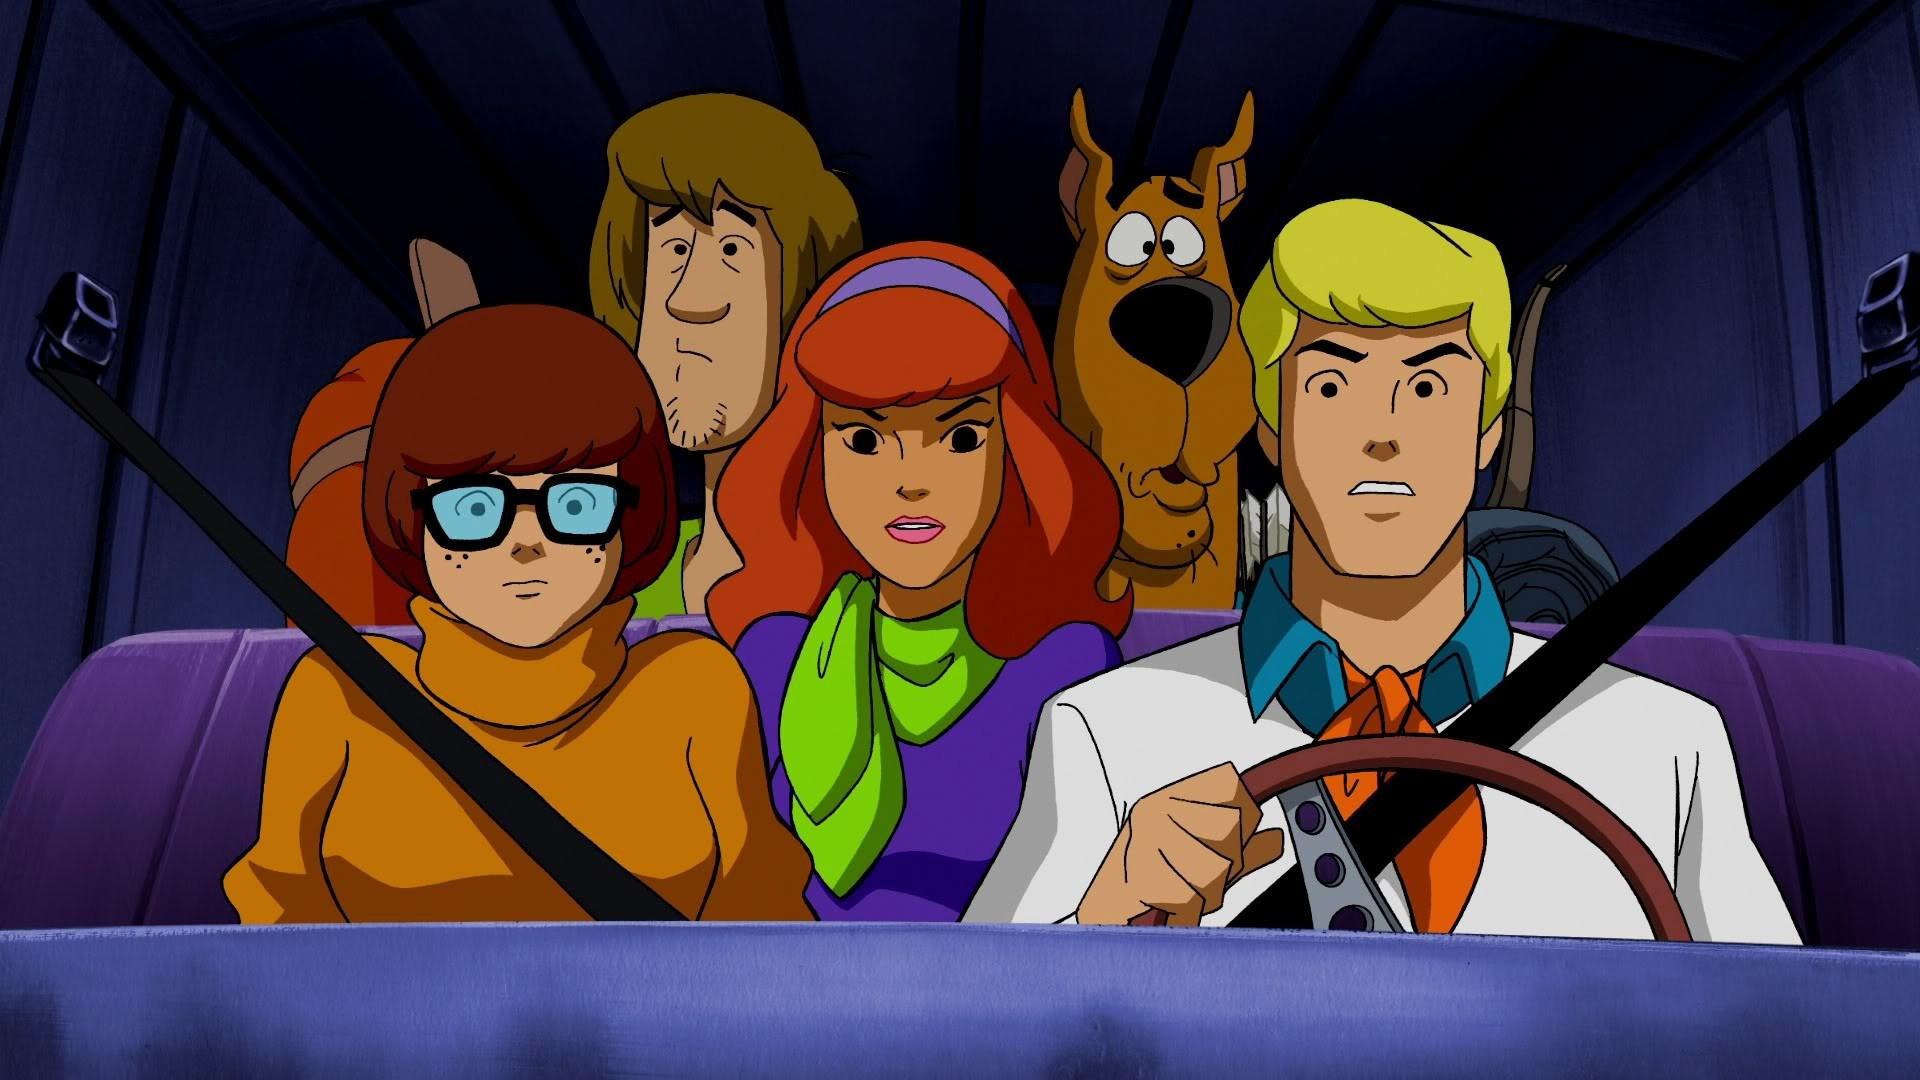 Scooby Doo - 90s Cartoons